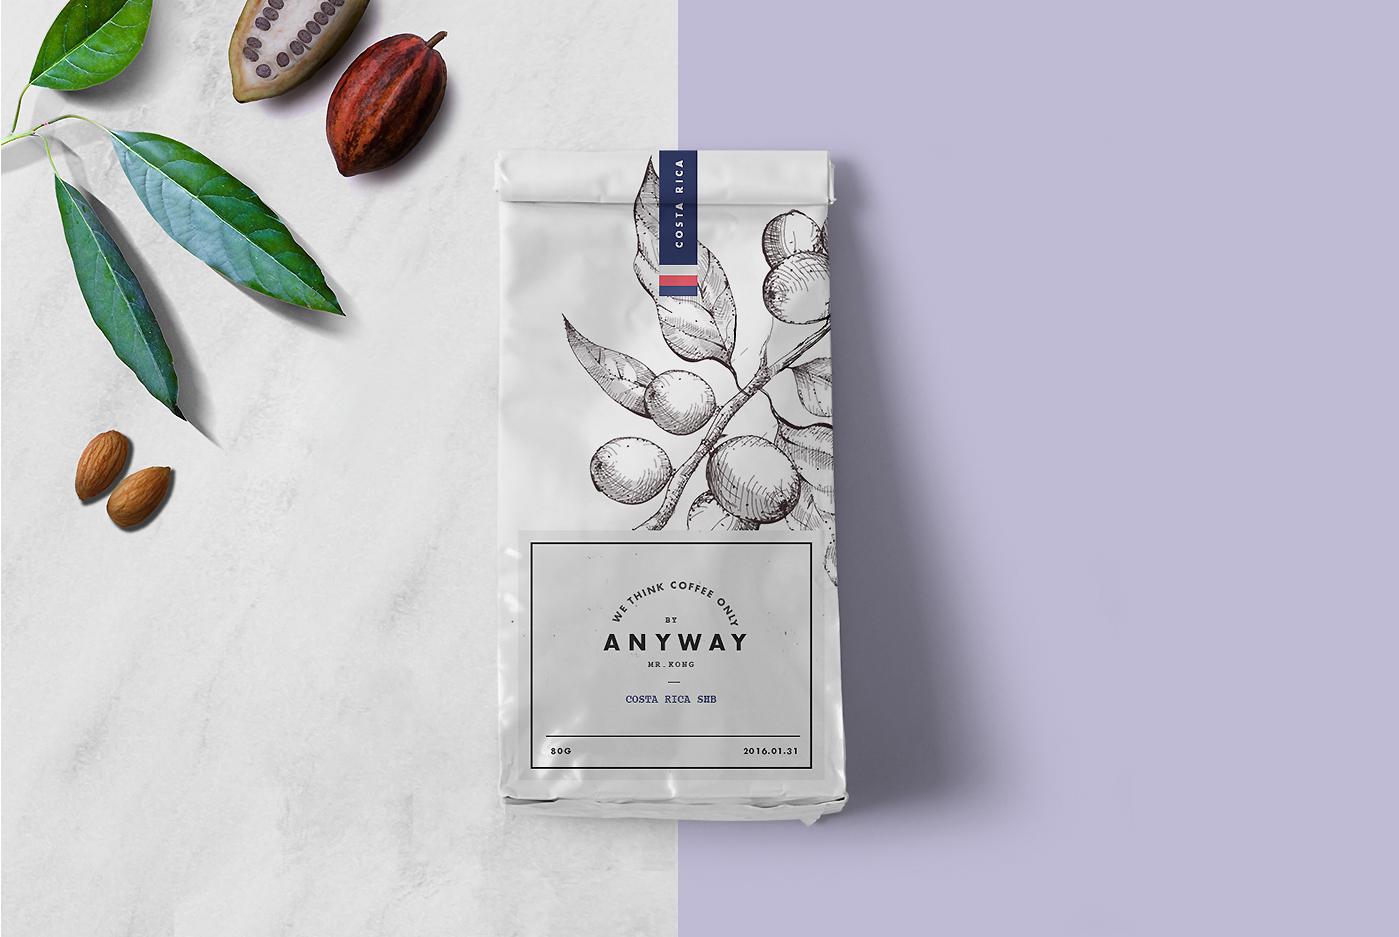 애니웨이 커피 코스타리카